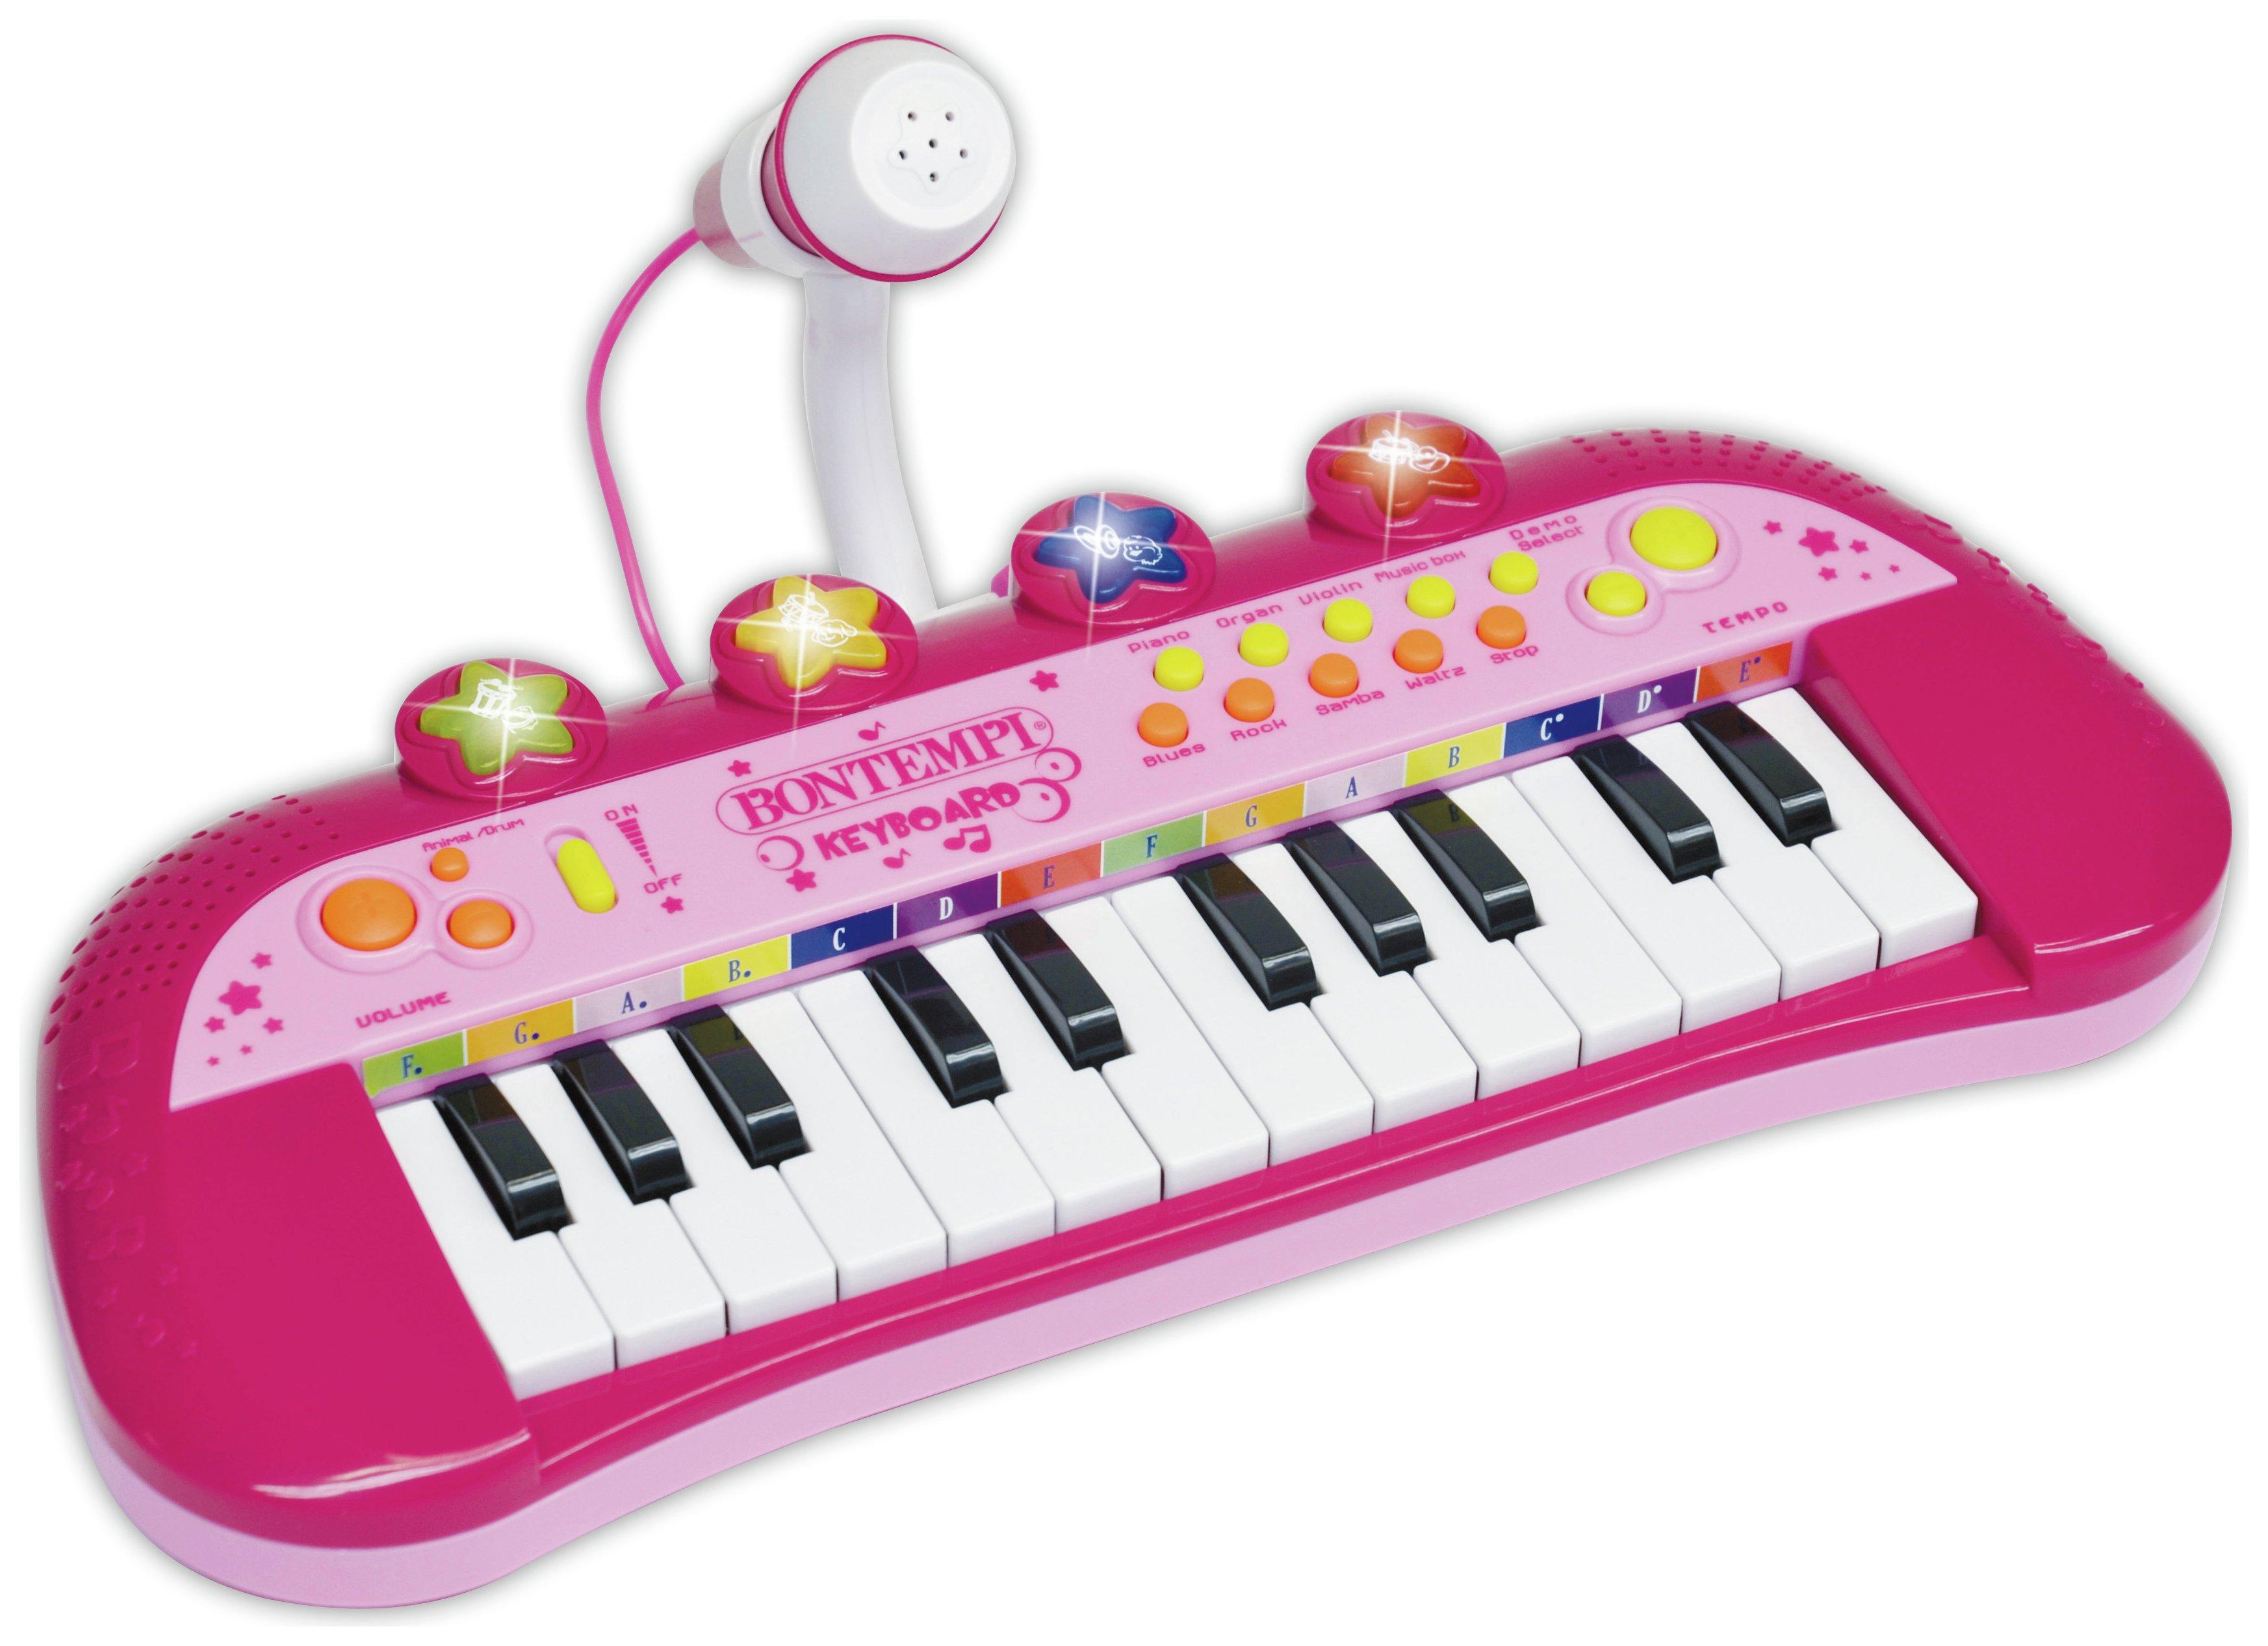 Image of Electronic Keyboard Mic Flashing Light.